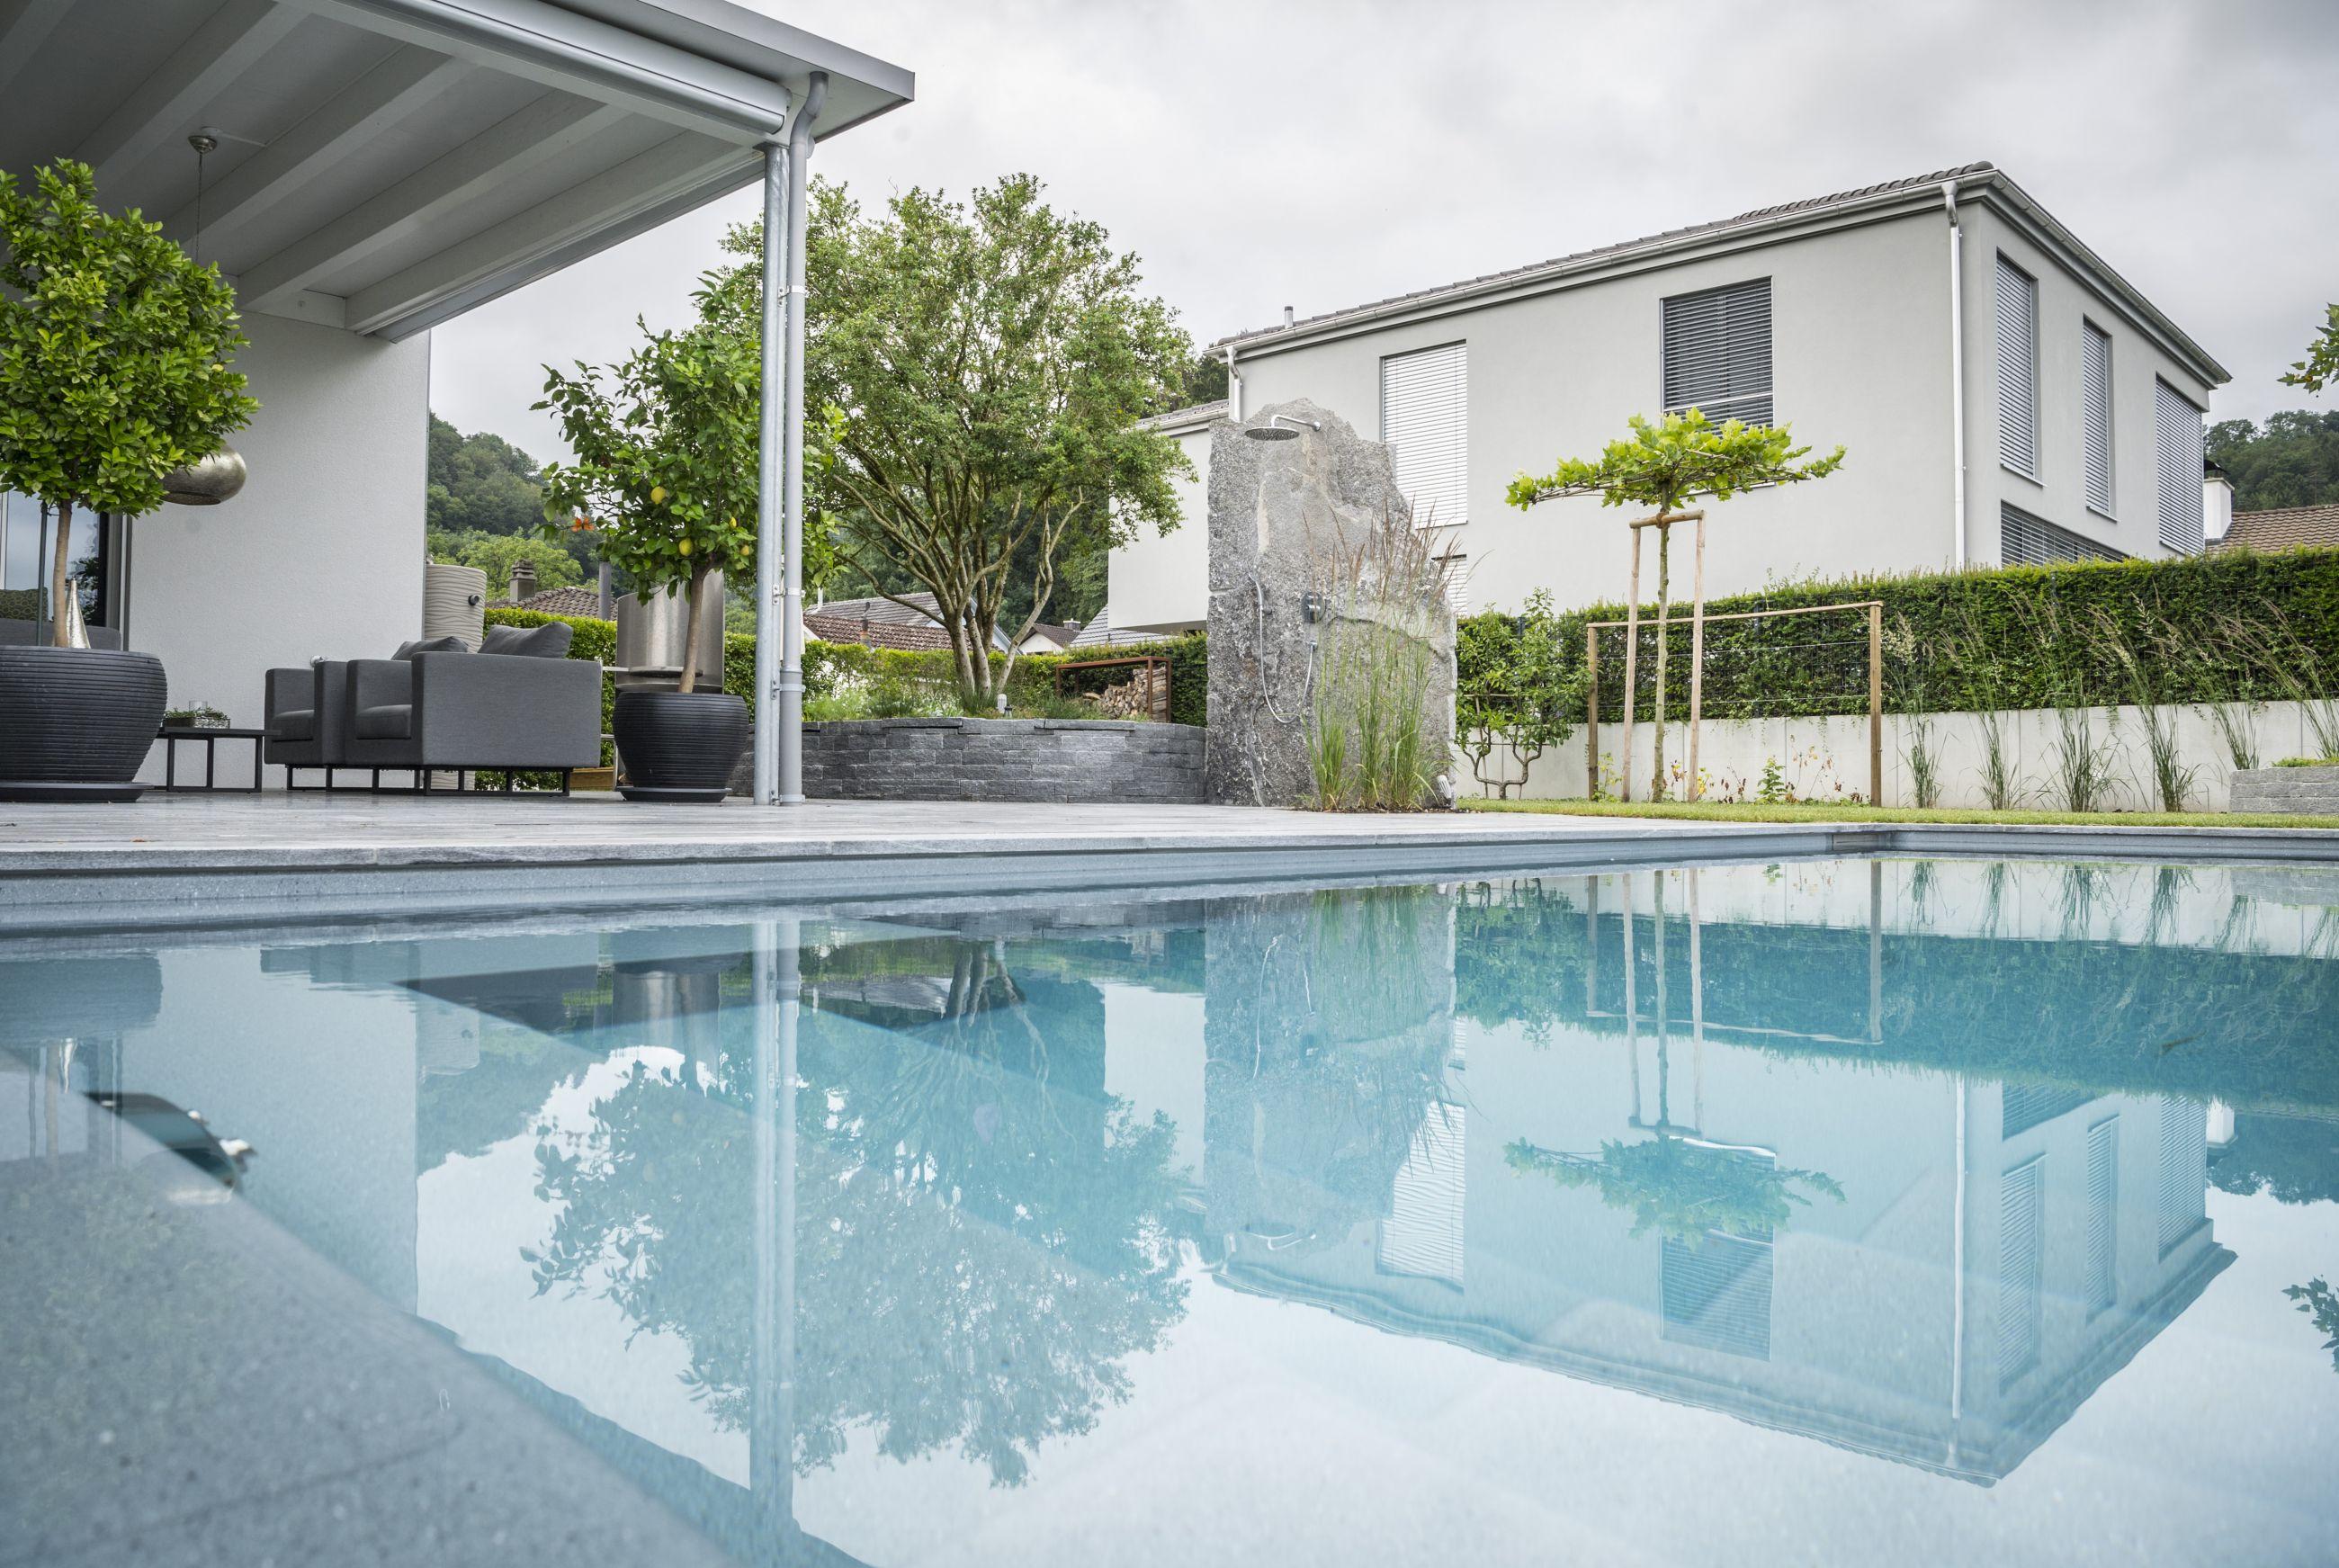 Schwimmbad Felben-Wellhausen